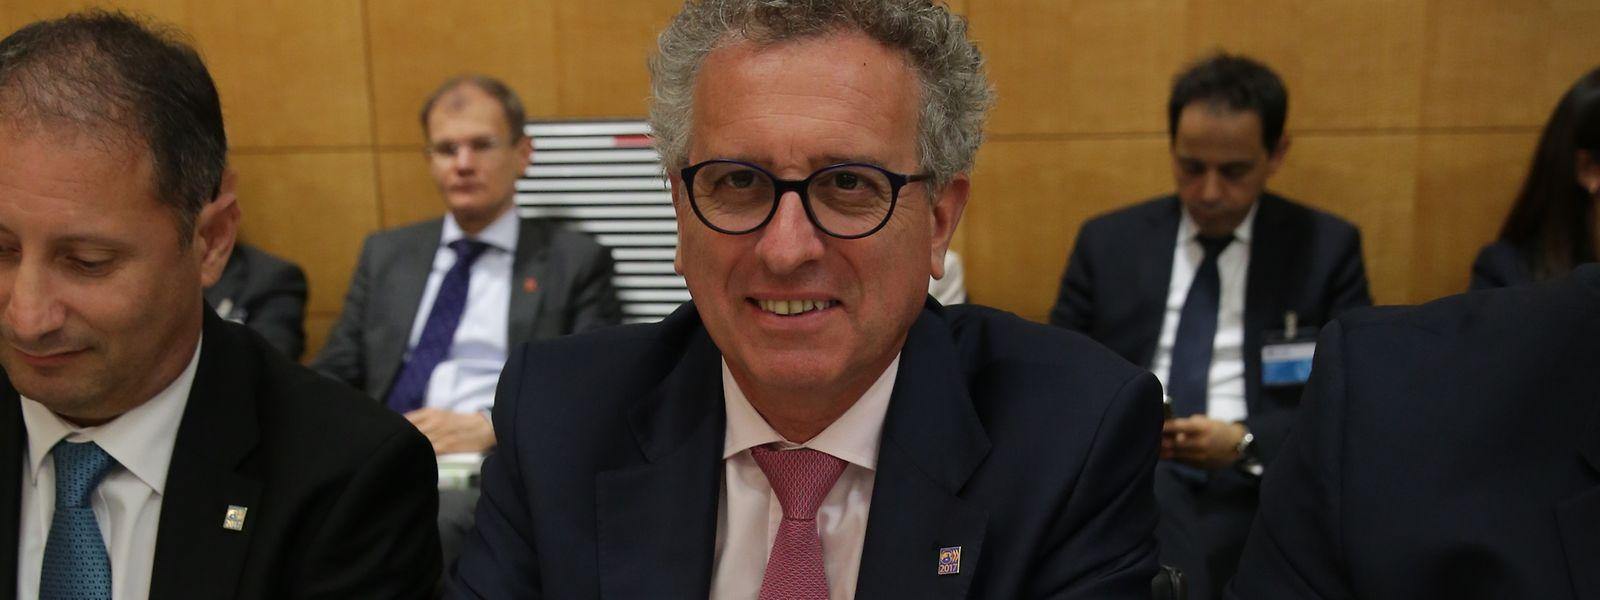 Pierre Gramegna unterschrieb am Mittwoch ein Steuerabkommen von über 70 Ländern in Paris.